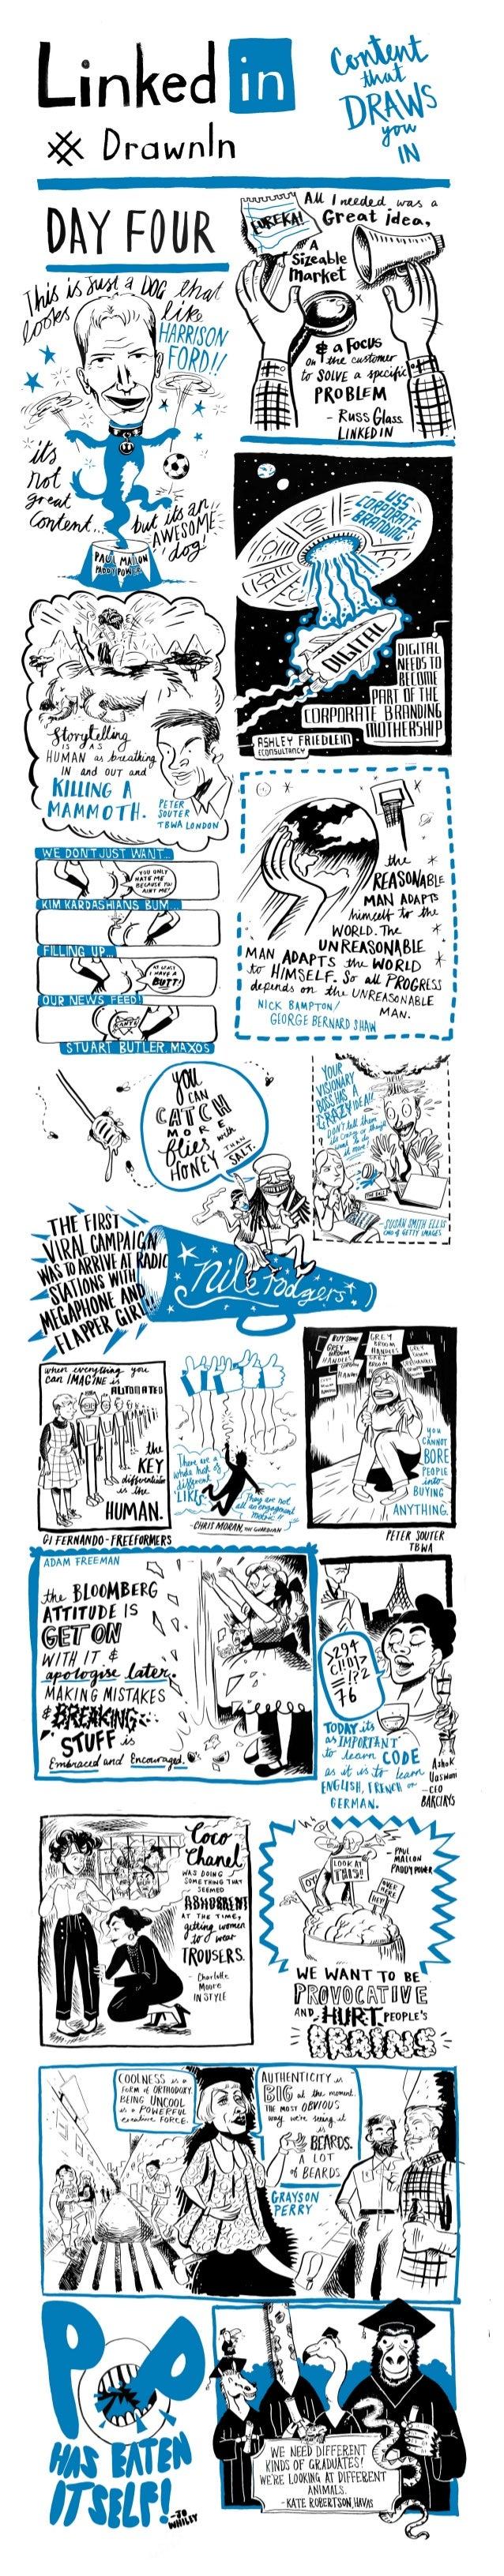 Advertising Week Europe Day 4 #drawnIn